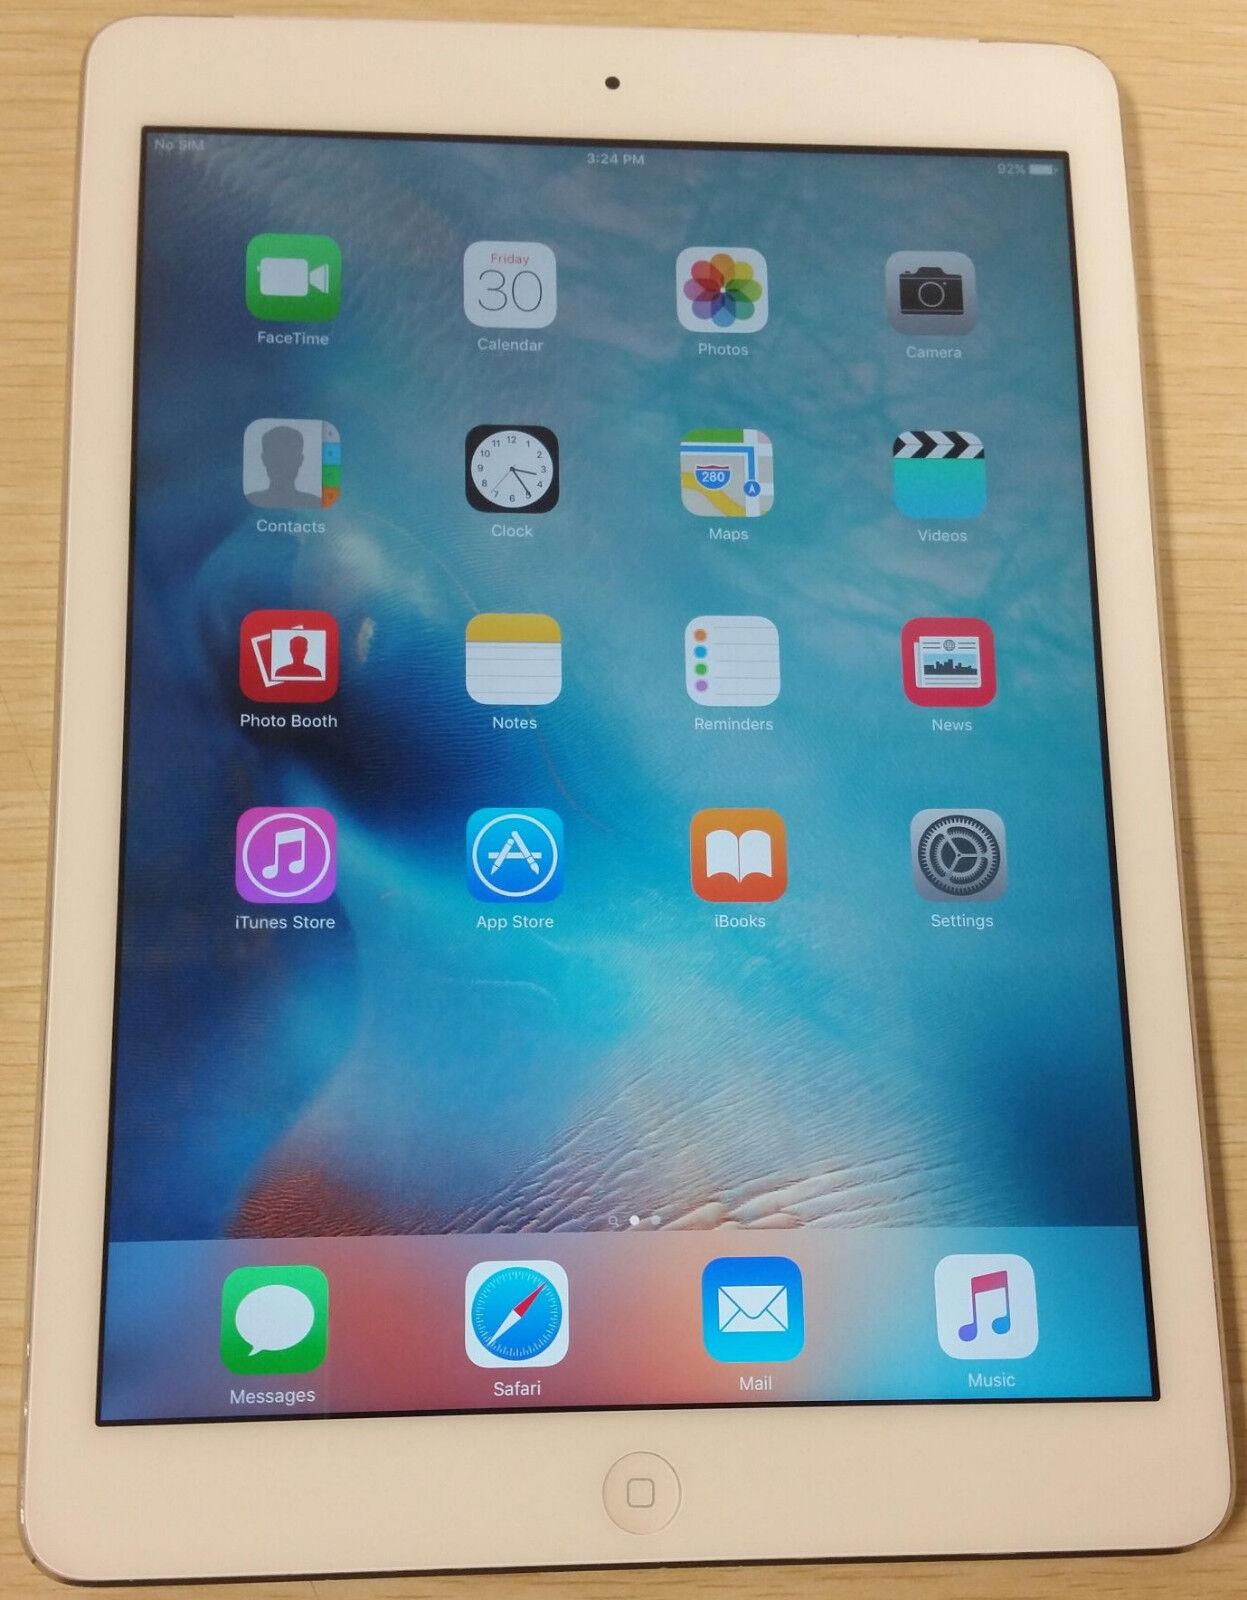 Ipad - Apple iPad Air 1st Gen 16GB, 9.7in Wi-Fi + 4G LTE (Unlocked) Silver A1475